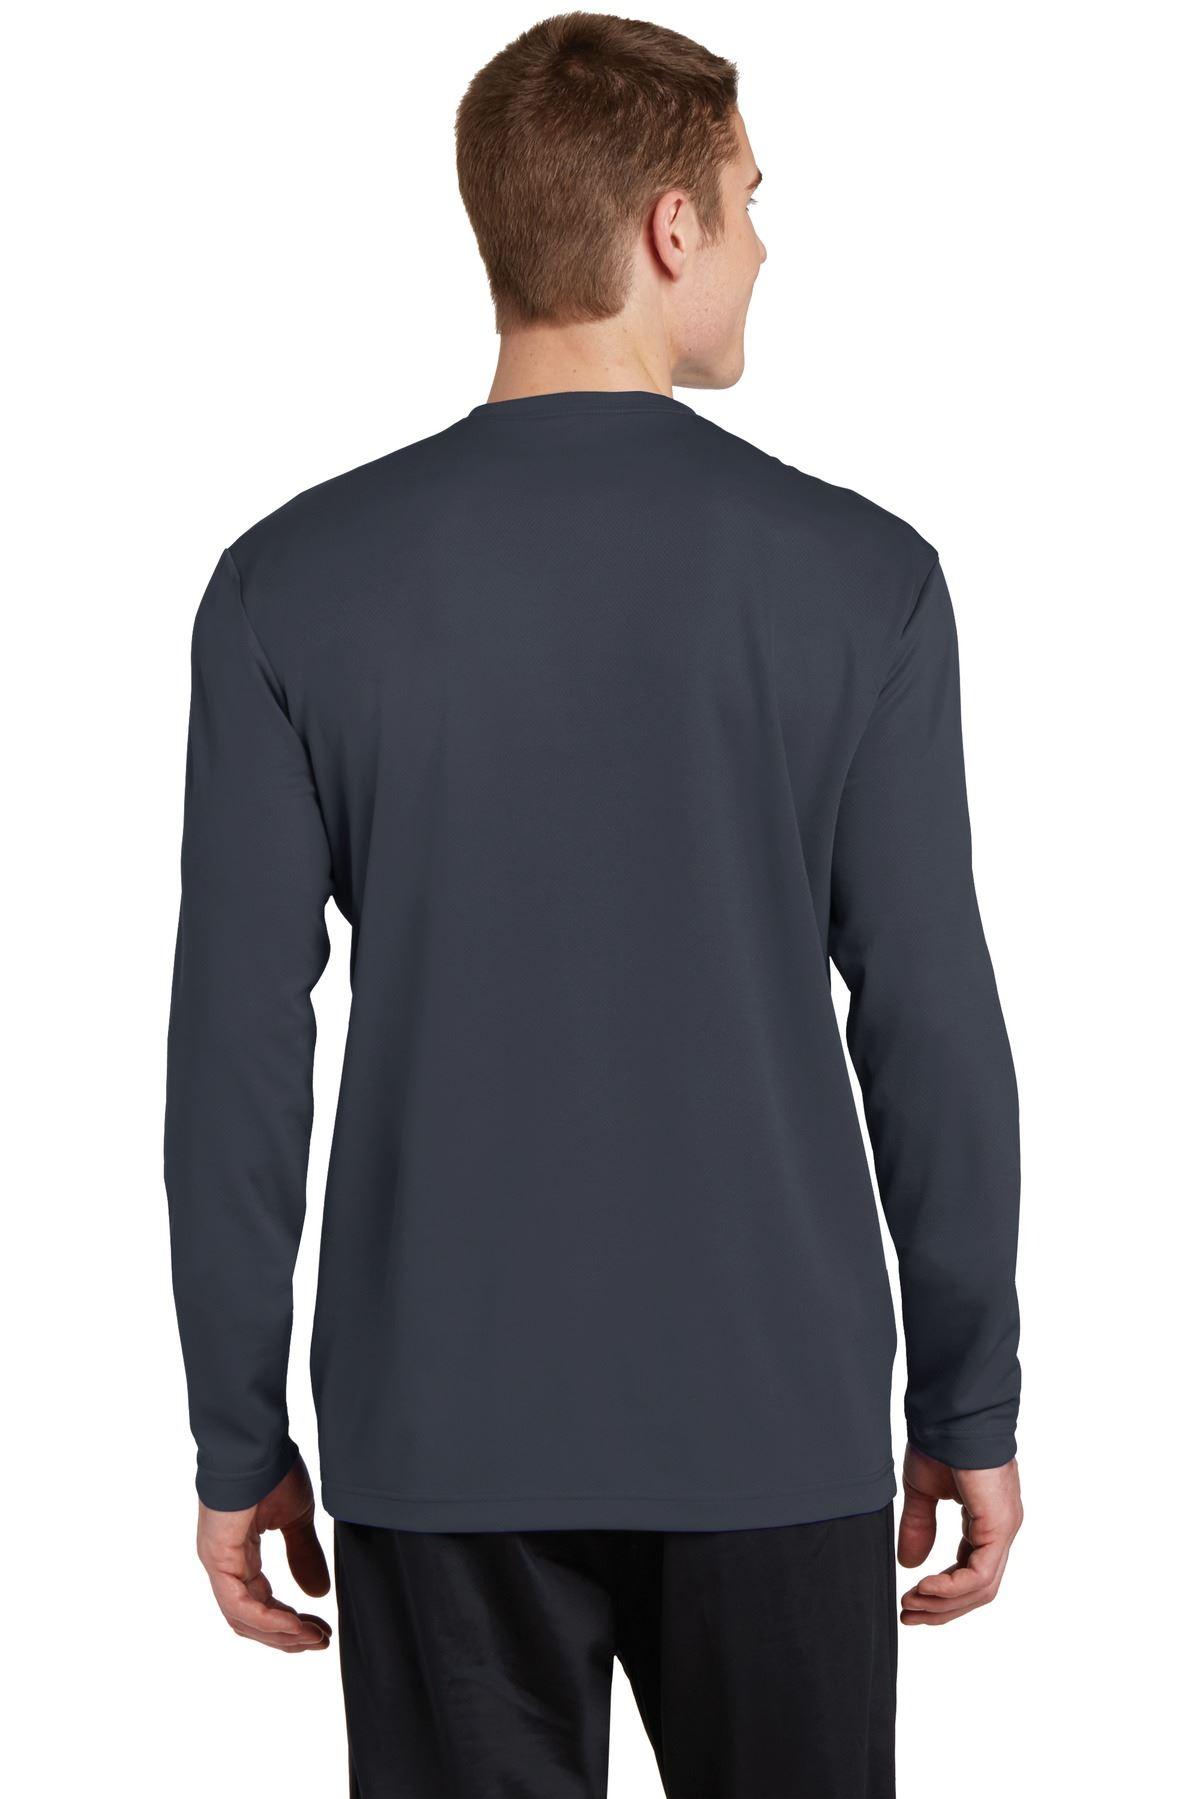 thumbnail 7 - Sport-Tek Men's Dry-Fit RacerMesh Moisture Wicking Long Sleeve T-Shirt ST340LS